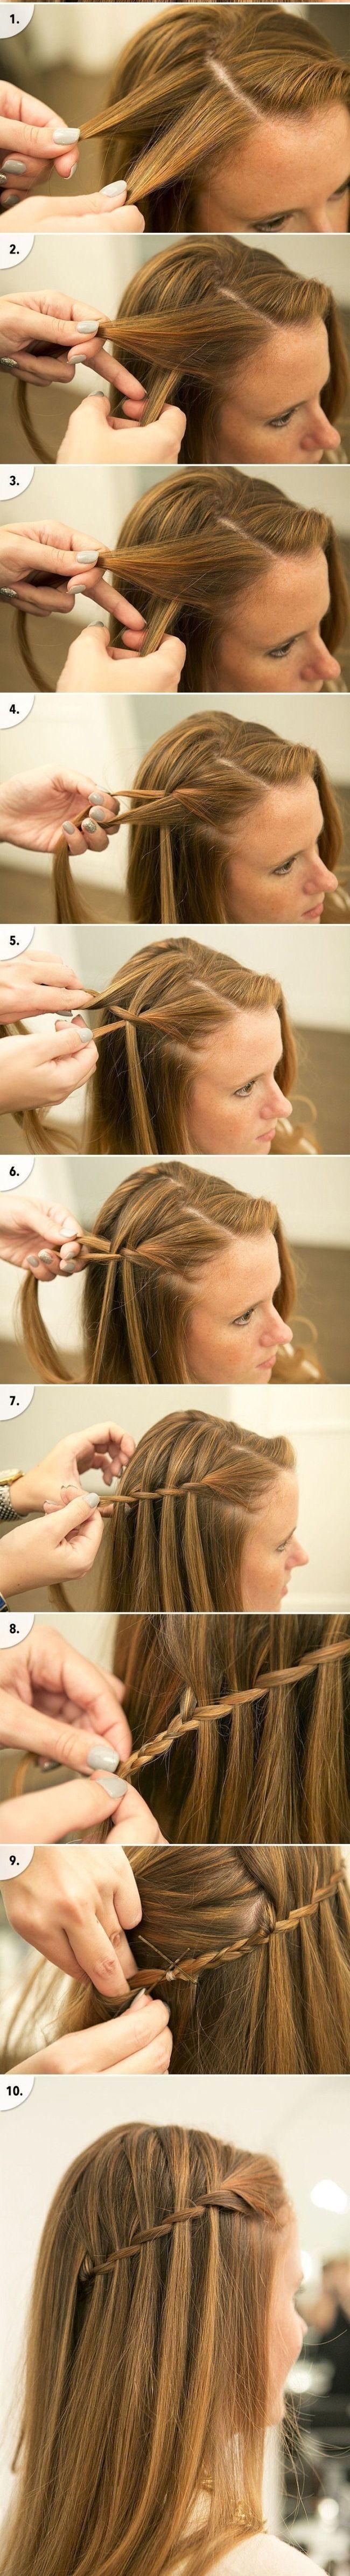 Schnelle, einfache, formale Party-Frisuren für langes Haar DIY-Ideen 2018 #Einfache #Formale #Stile #Ideen #Lange